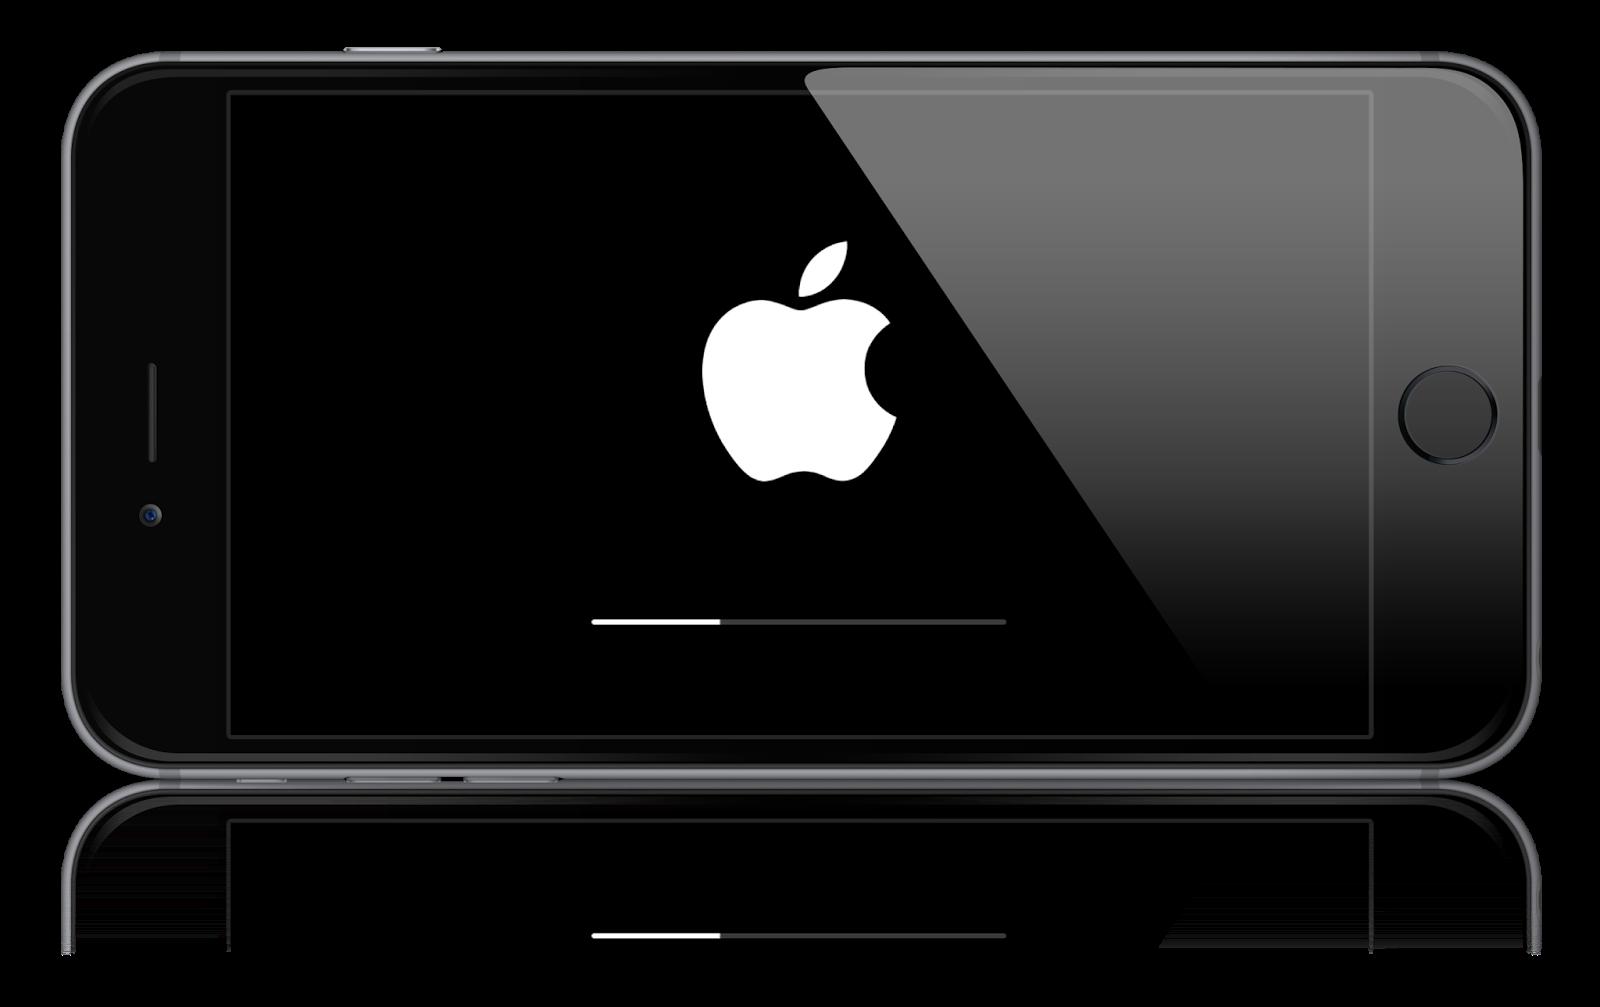 Tweak RespringProgress: añadir barra de progreso a la pantalla de respring del iPhone en dispositivos con Jailbreak